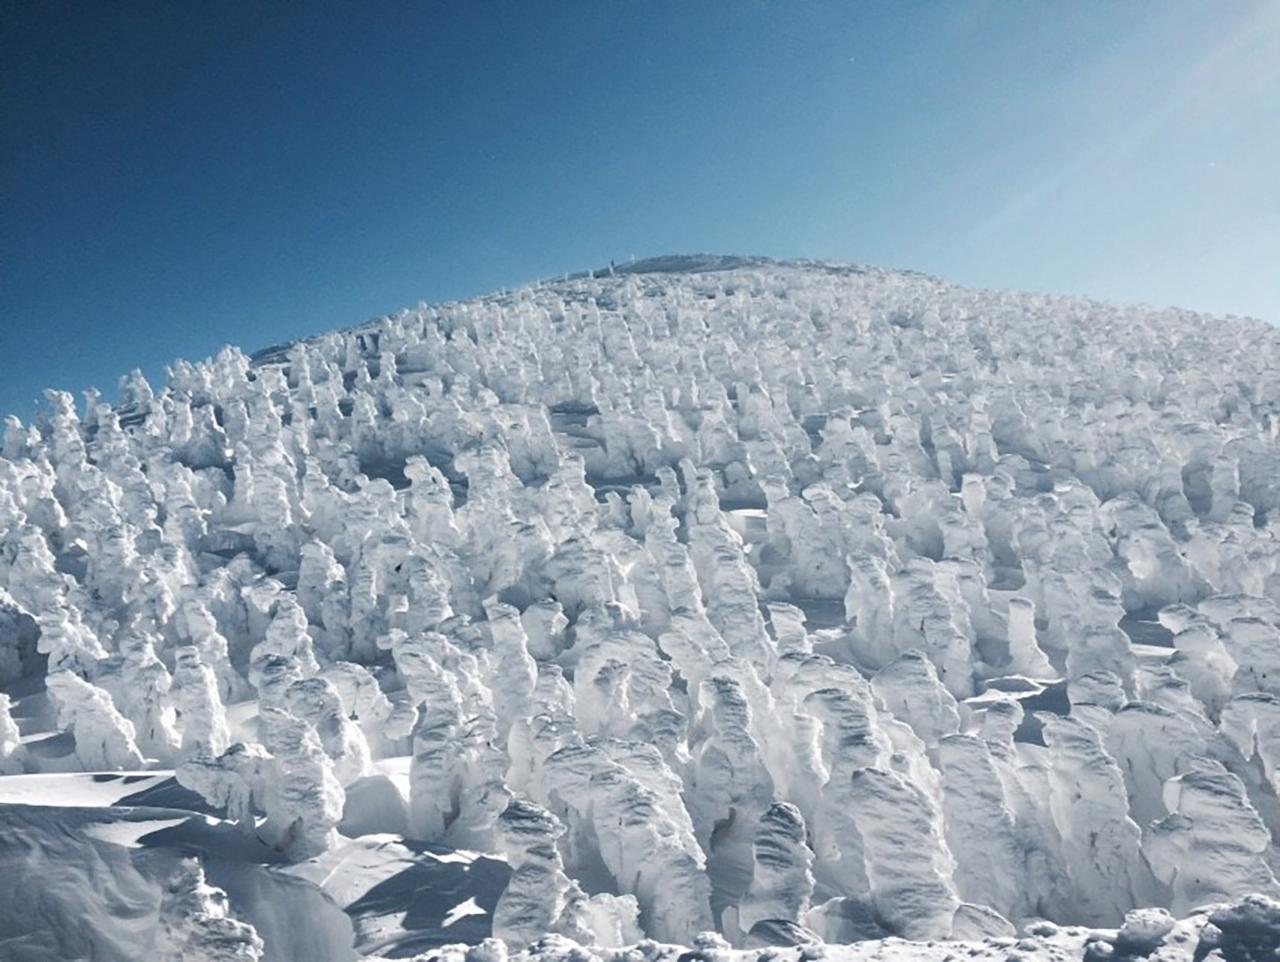 ภูเขาซาโอะ จังหวัด ยามากาตะ